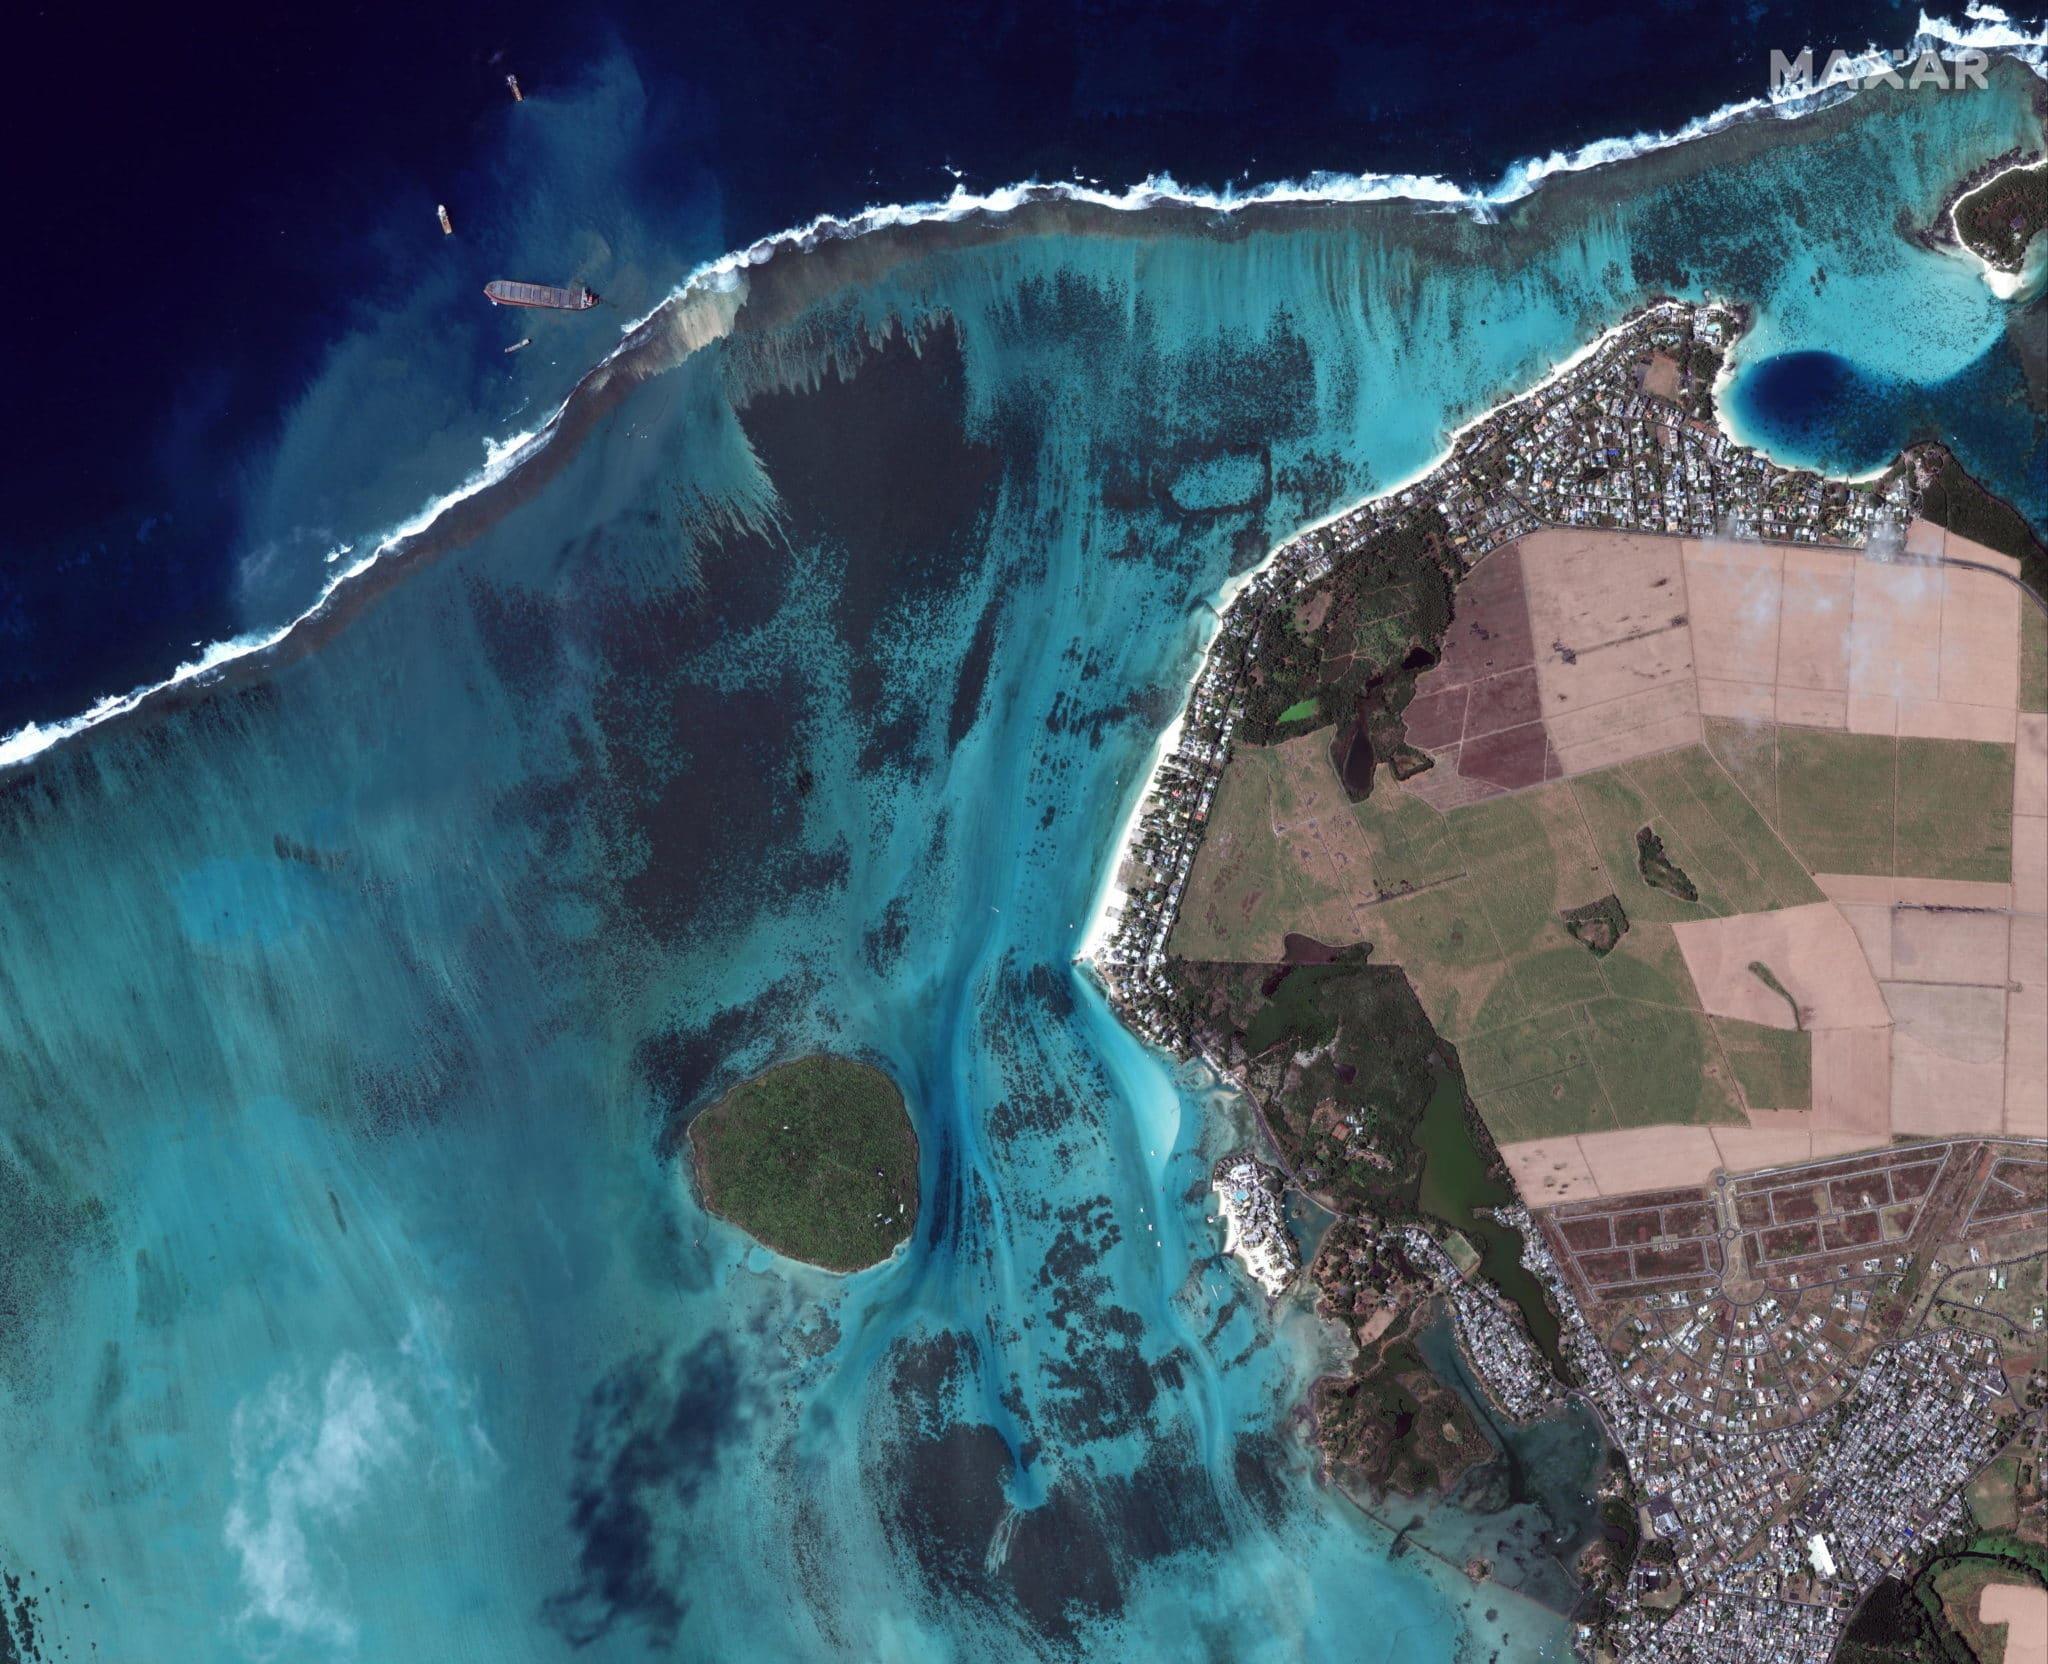 Disastro ambientale a Mauritius, la petroliera arenata si è spezzata in due